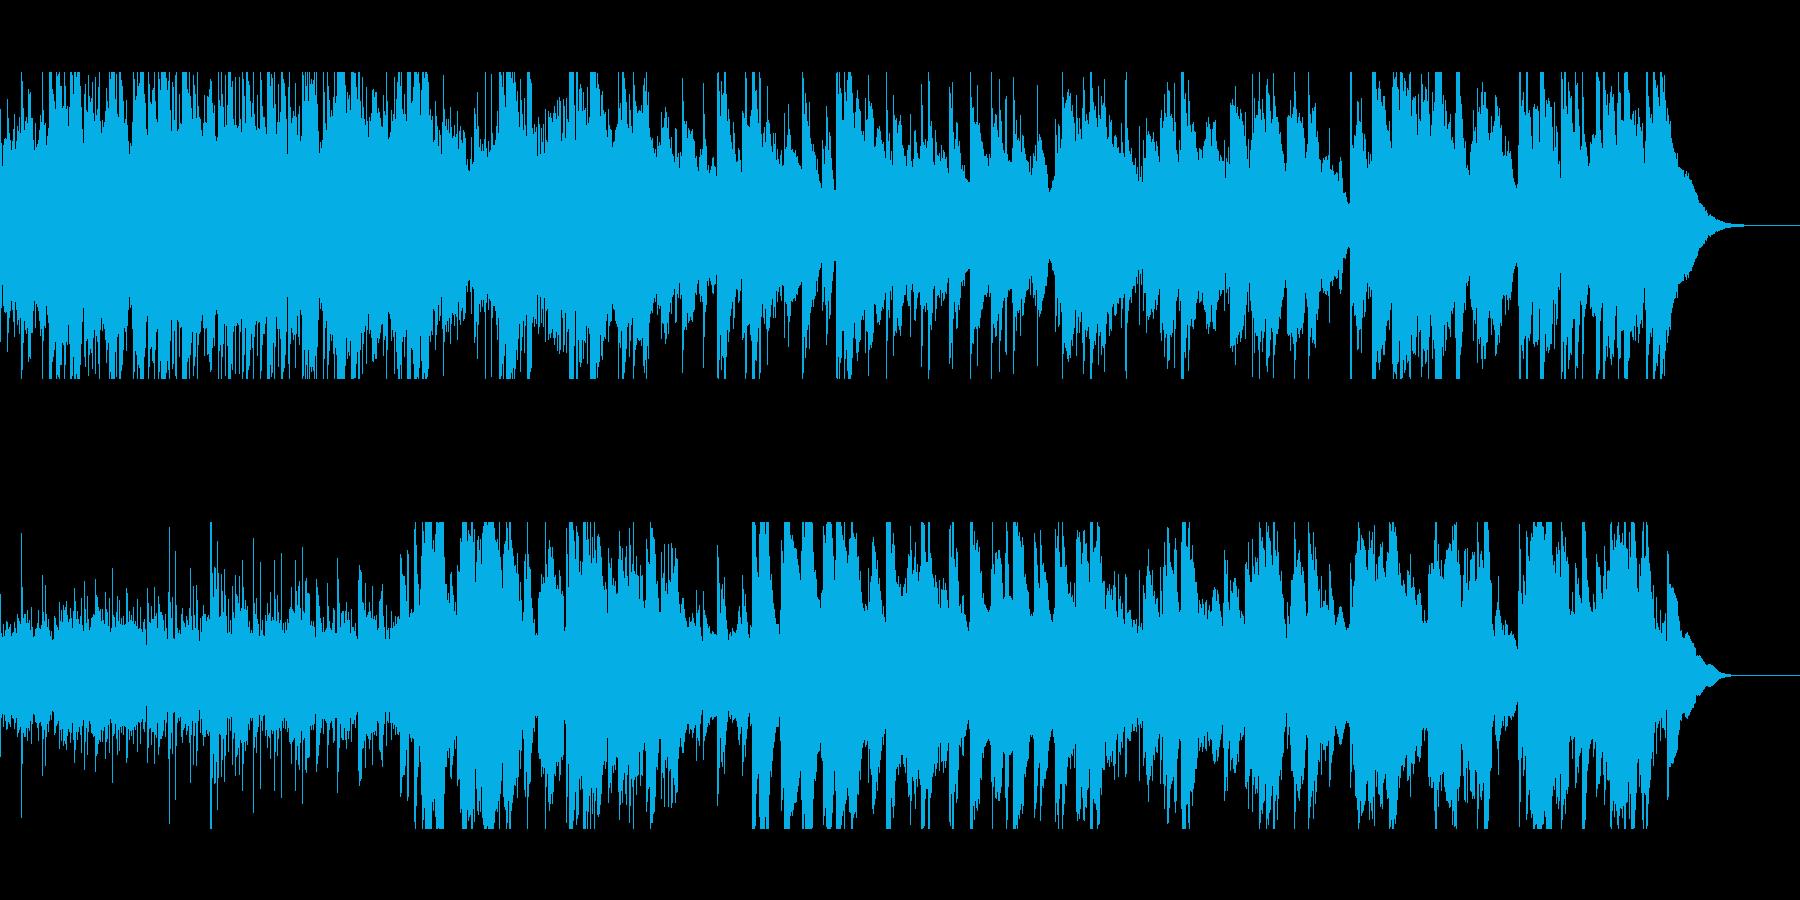 ヴァルキリープロファイル系ハープバラードの再生済みの波形